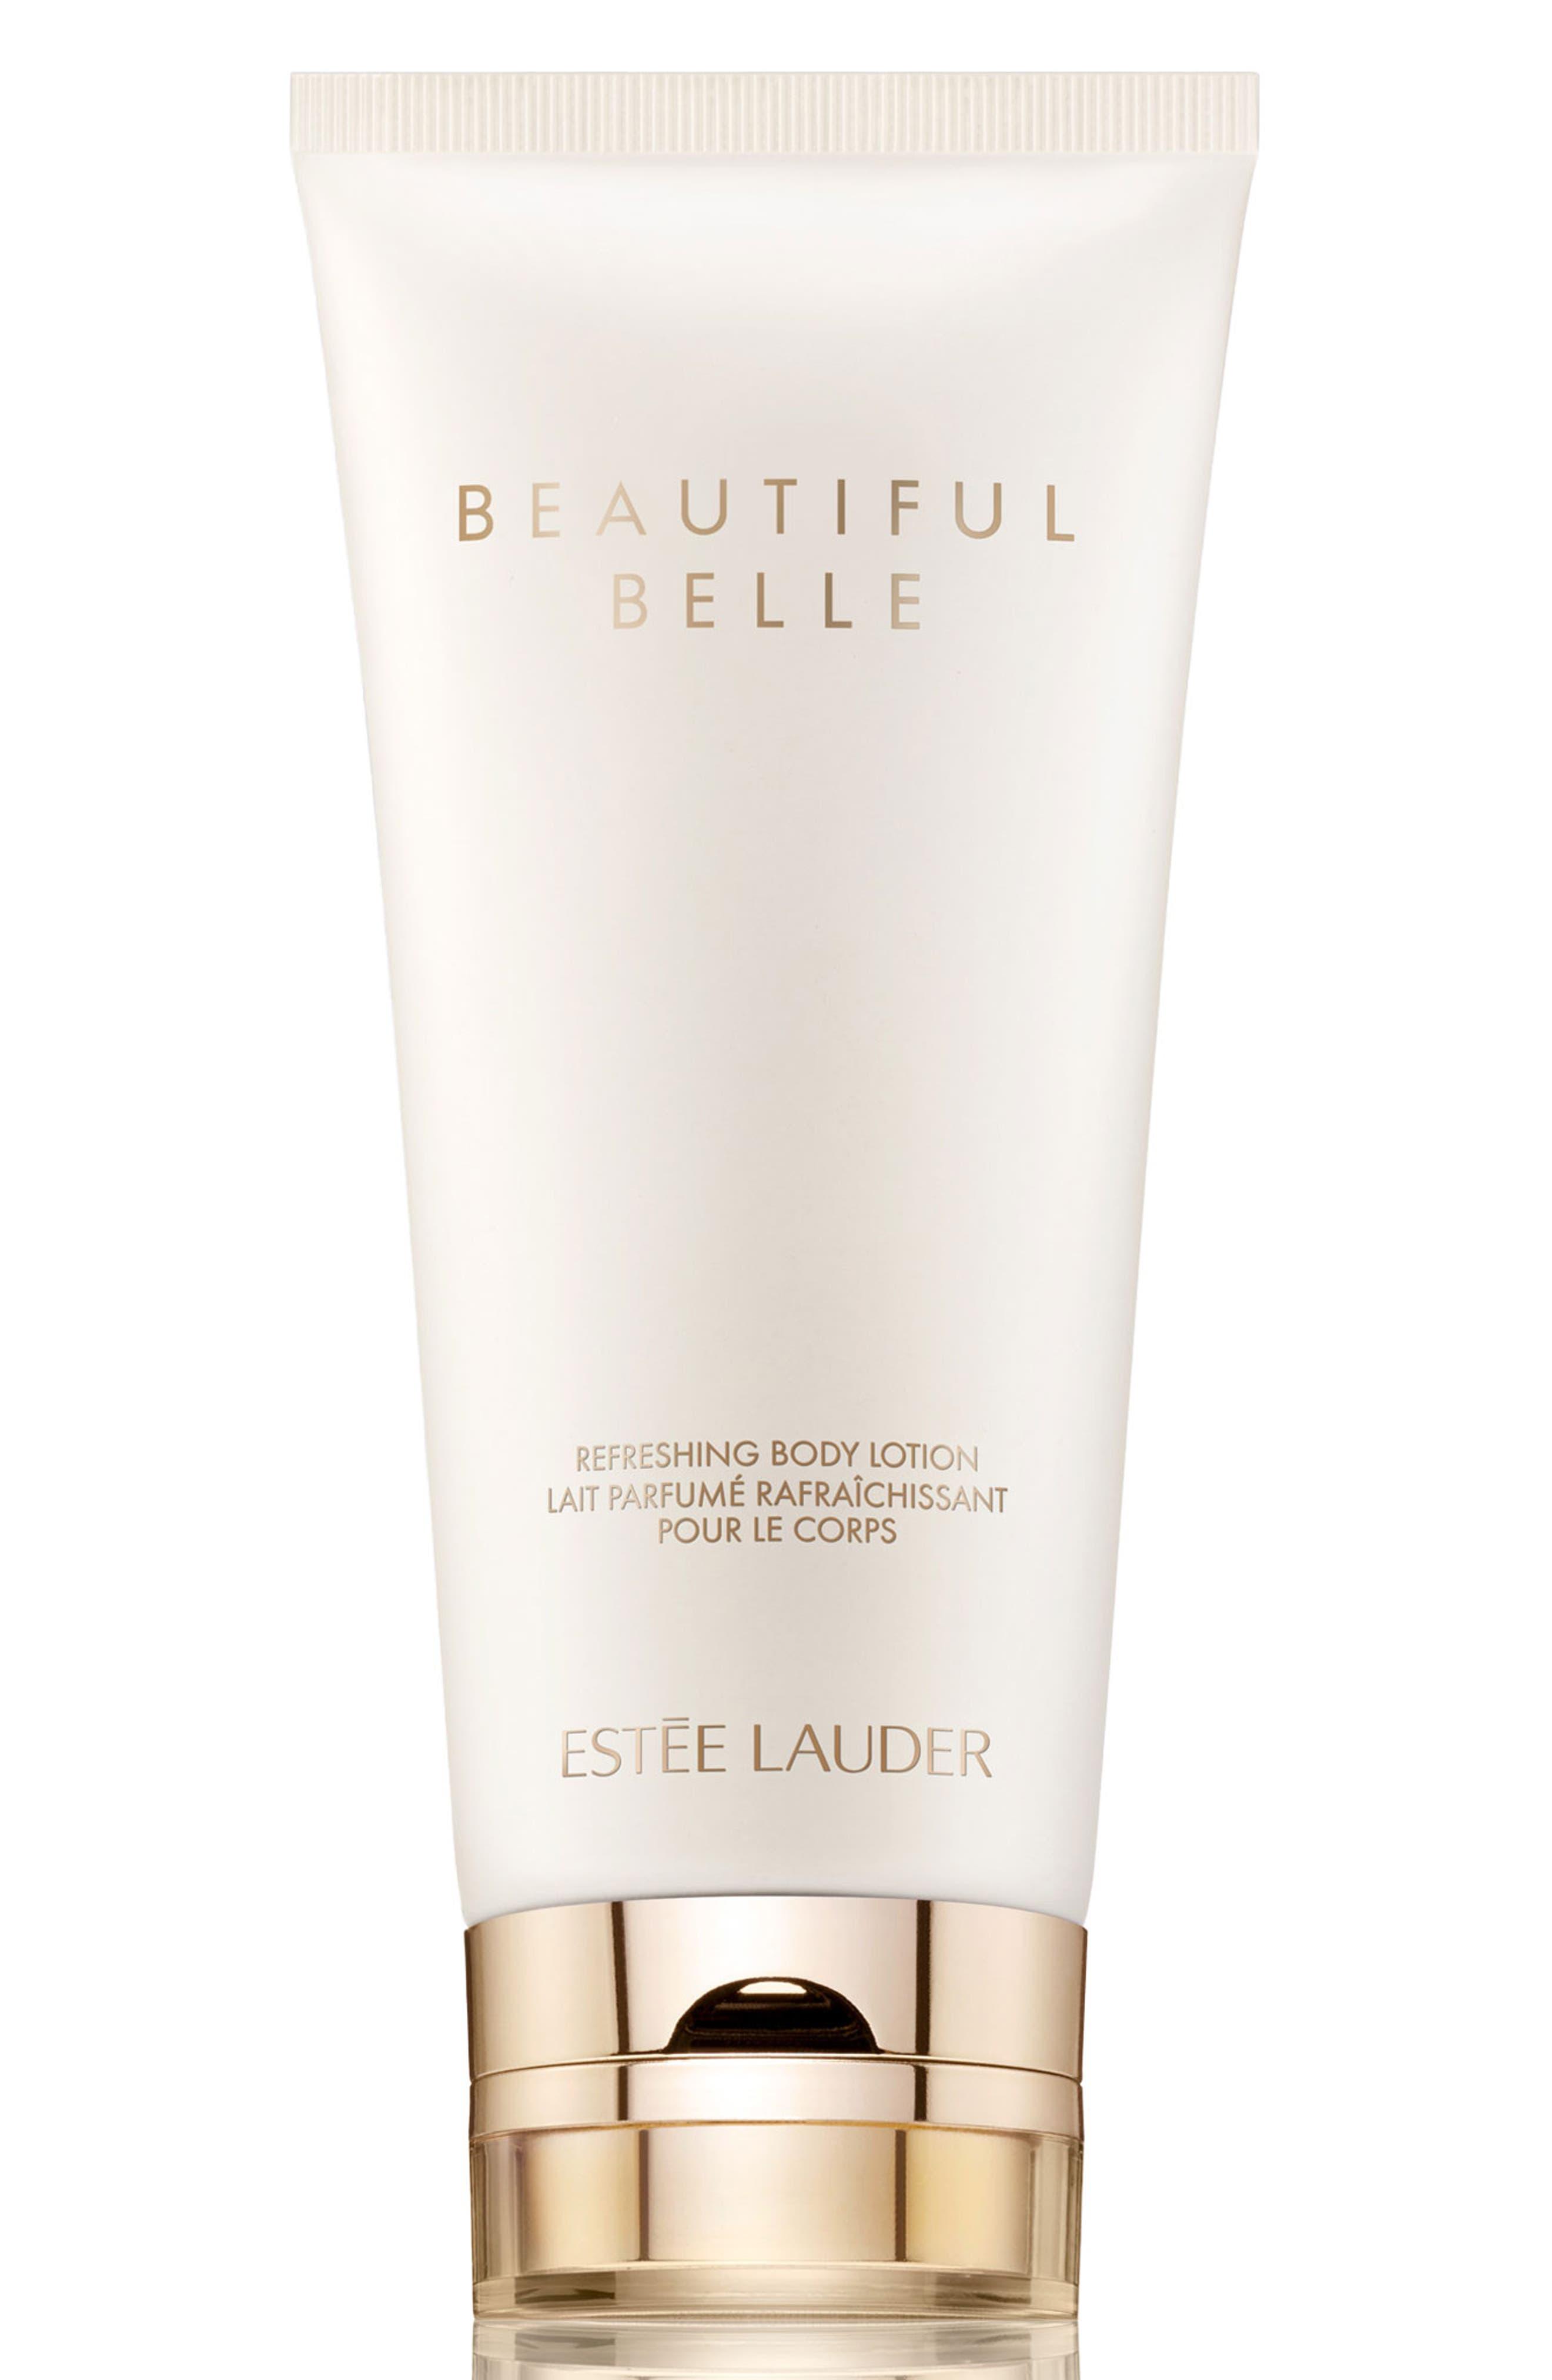 ESTÉE LAUDER, Beautiful Belle Refreshing Body Lotion, Main thumbnail 1, color, NO COLOR